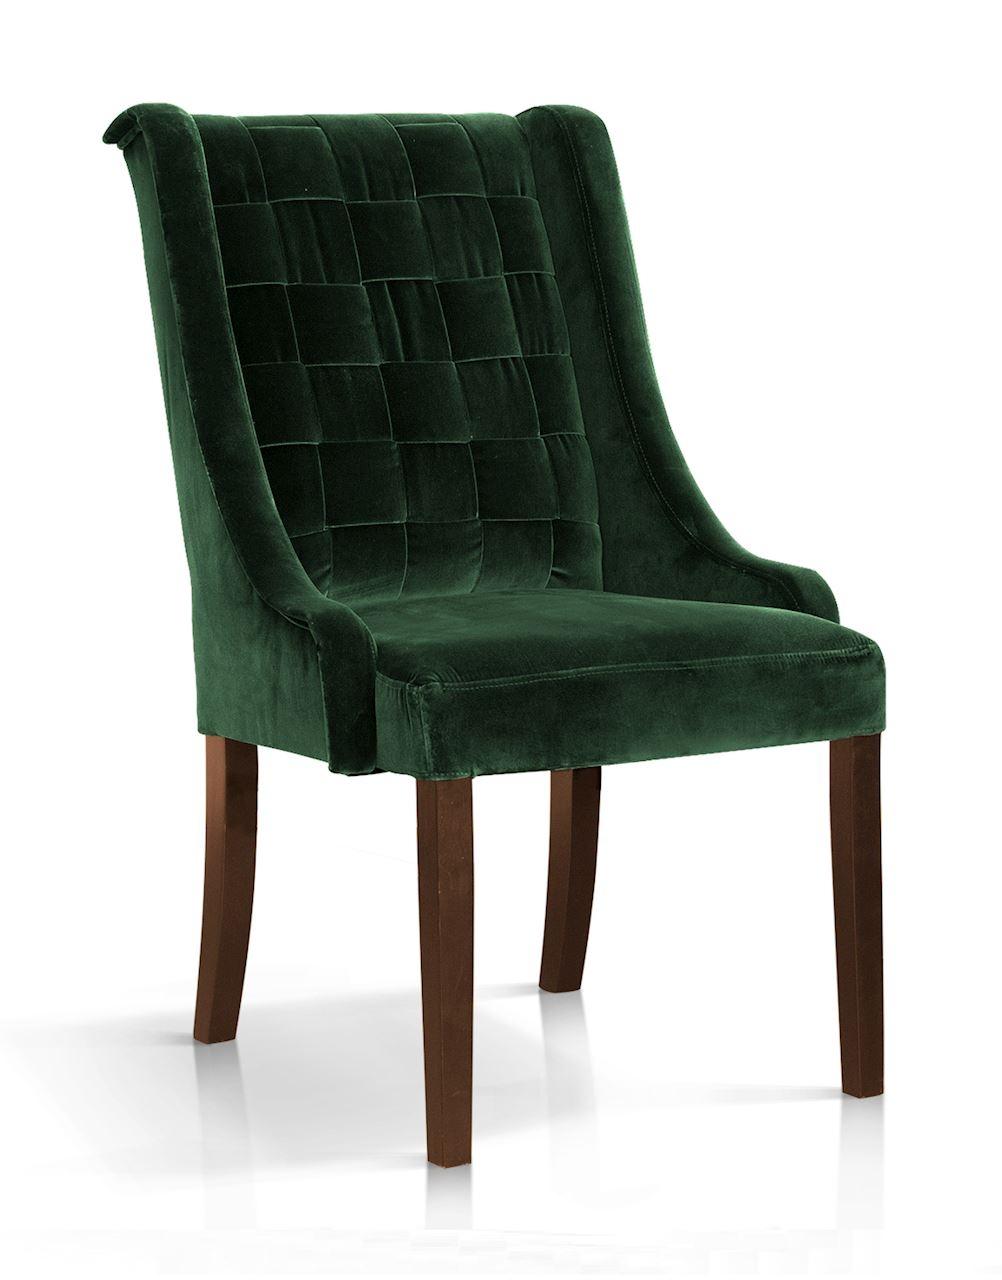 Scaun tapitat cu stofa, cu picioare din lemn Prince Verde / Nuc, l55xA70xH105 cm